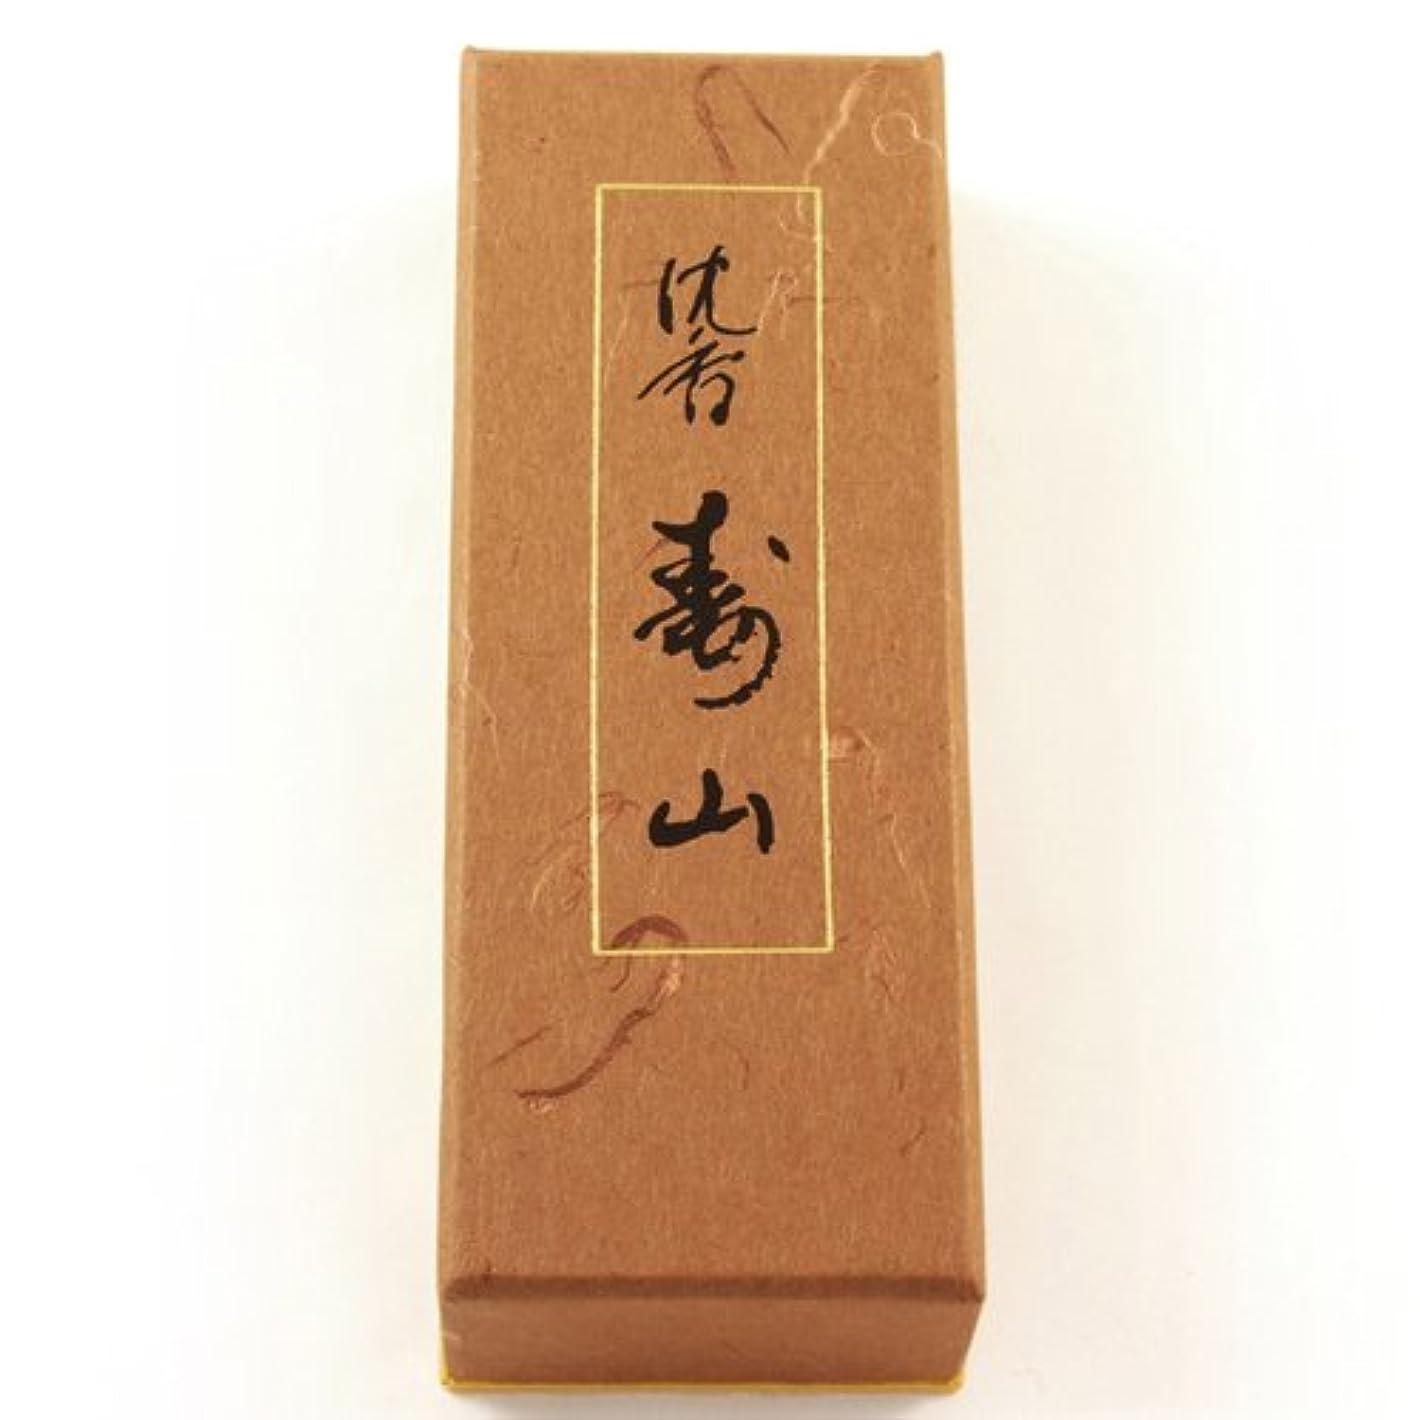 武装解除真っ逆さま独裁Nippon Kodo – Jinkoh Juzan ( Aloeswood150 sticks